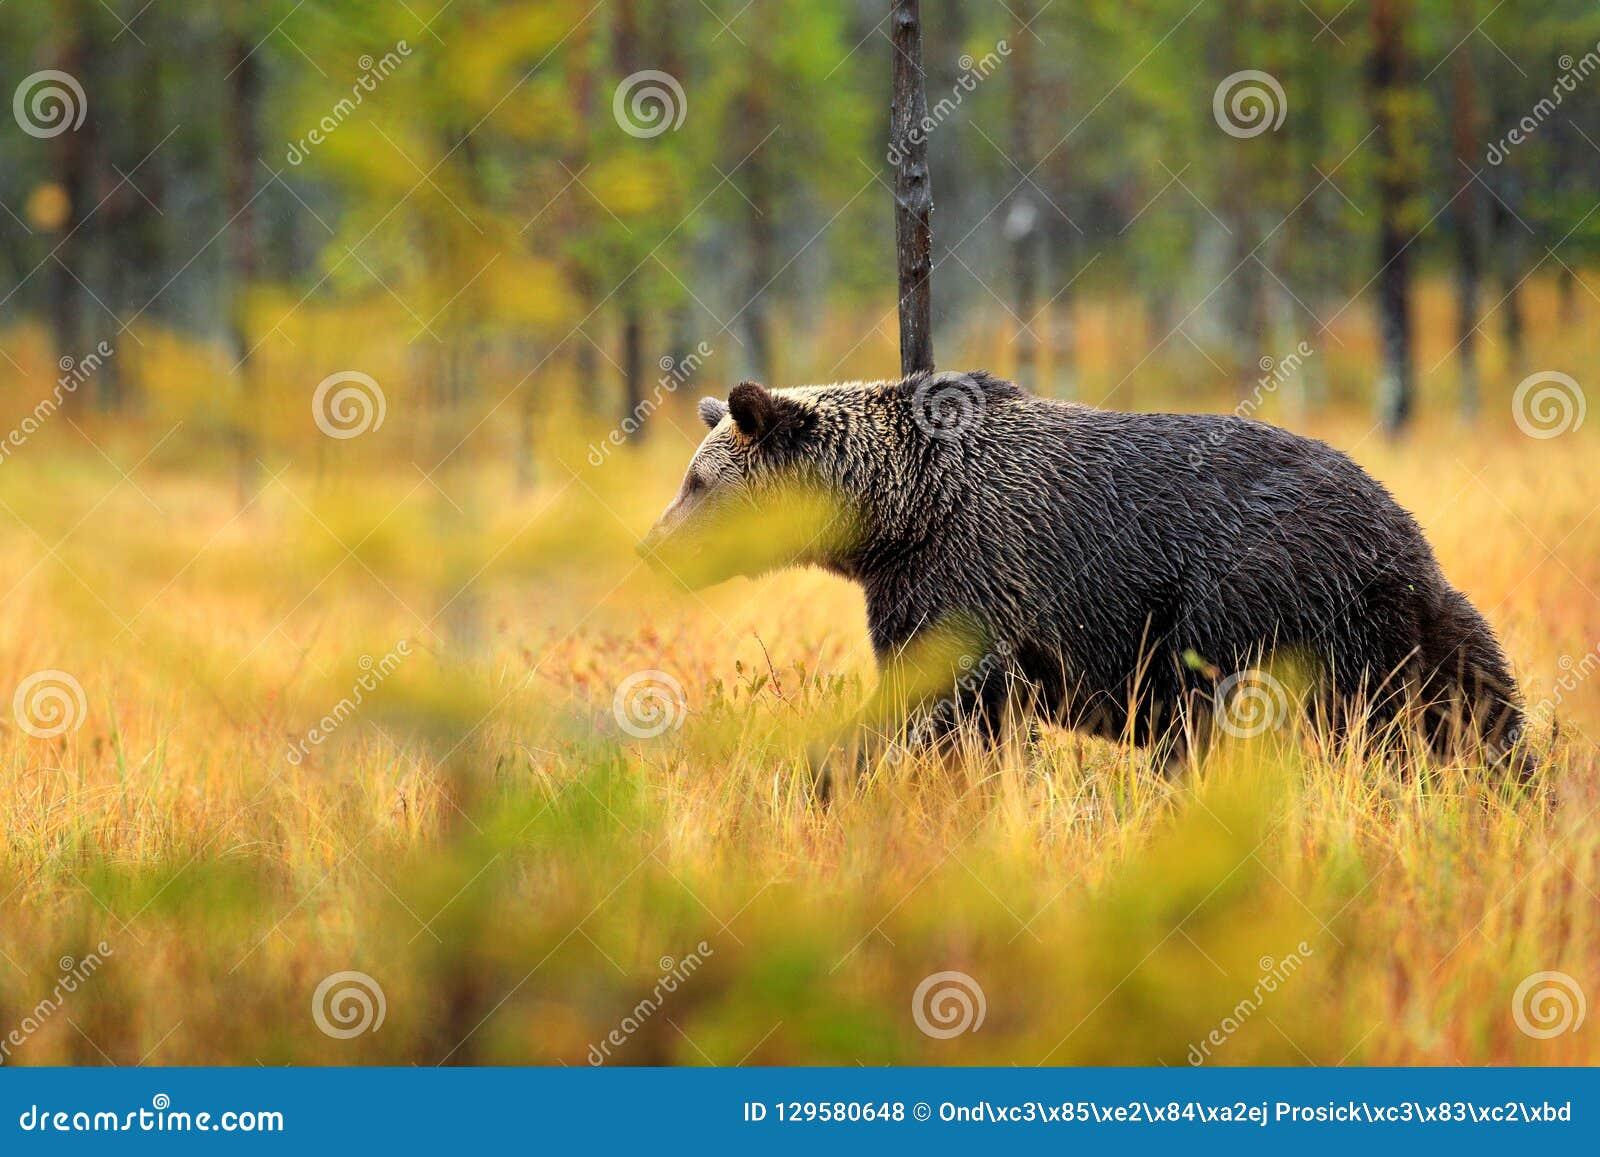 Carregue escondido em árvores do outono da floresta do vermelho alaranjado com urso Urso marrom bonito que anda em torno do lago